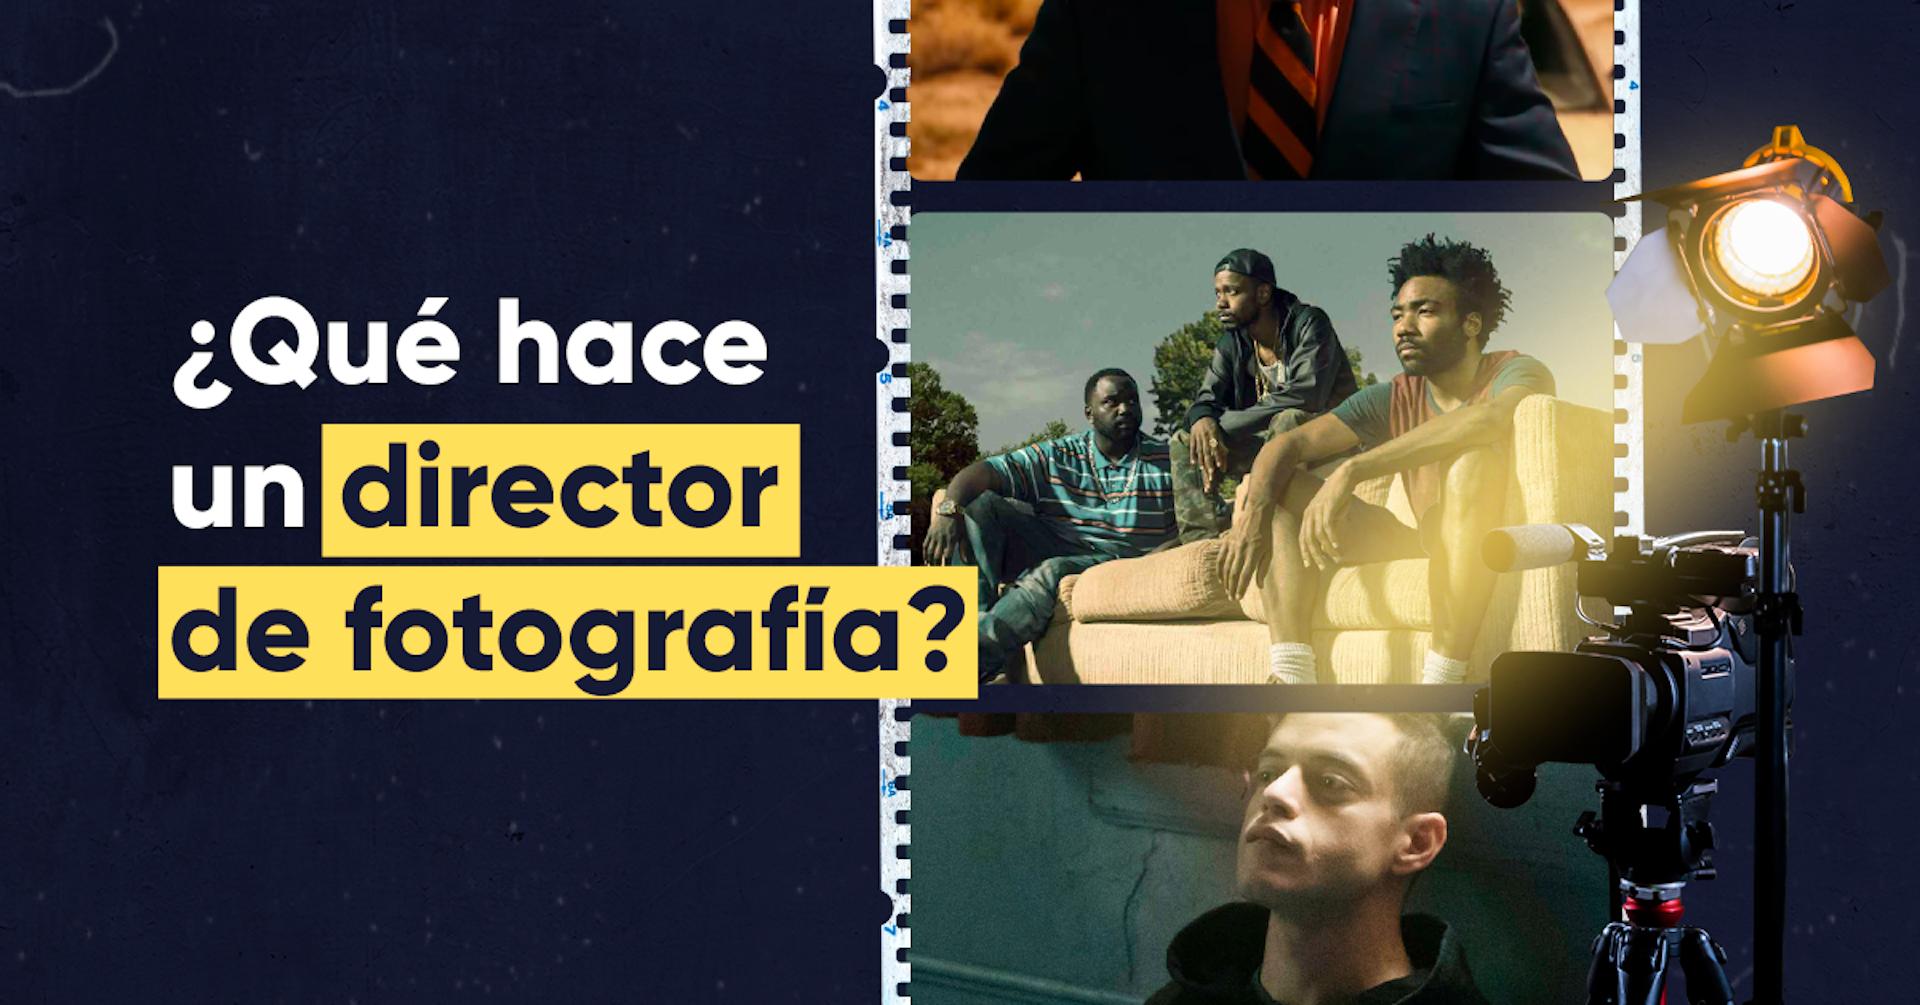 ¿Qué hace un director de fotografía? Analizamos 3 series famosas